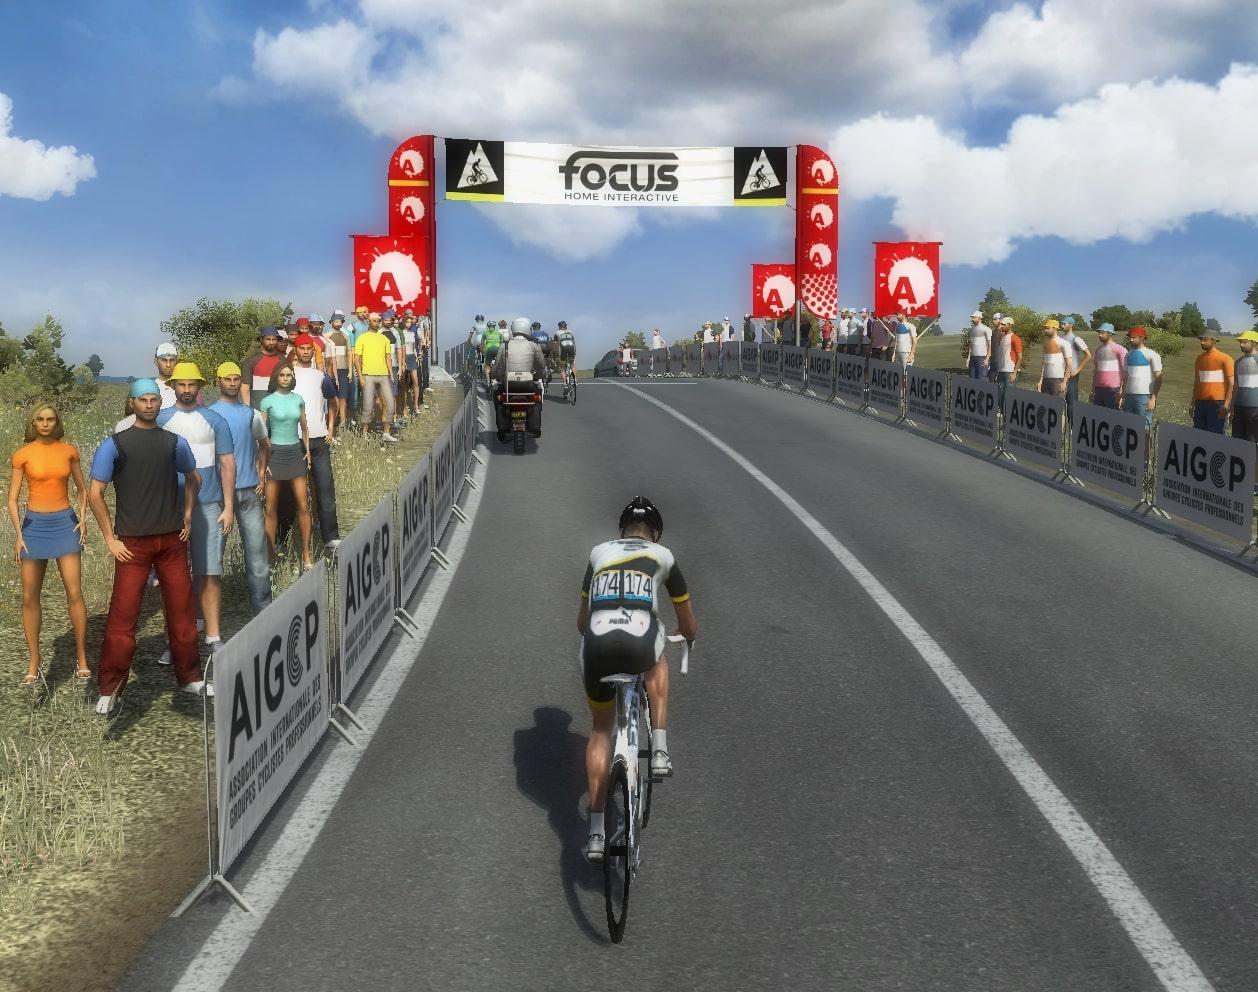 pcmdaily.com/images/mg/2020/Reports/GTM/VueltaEsp/week3/fotos/19vu12.jpg